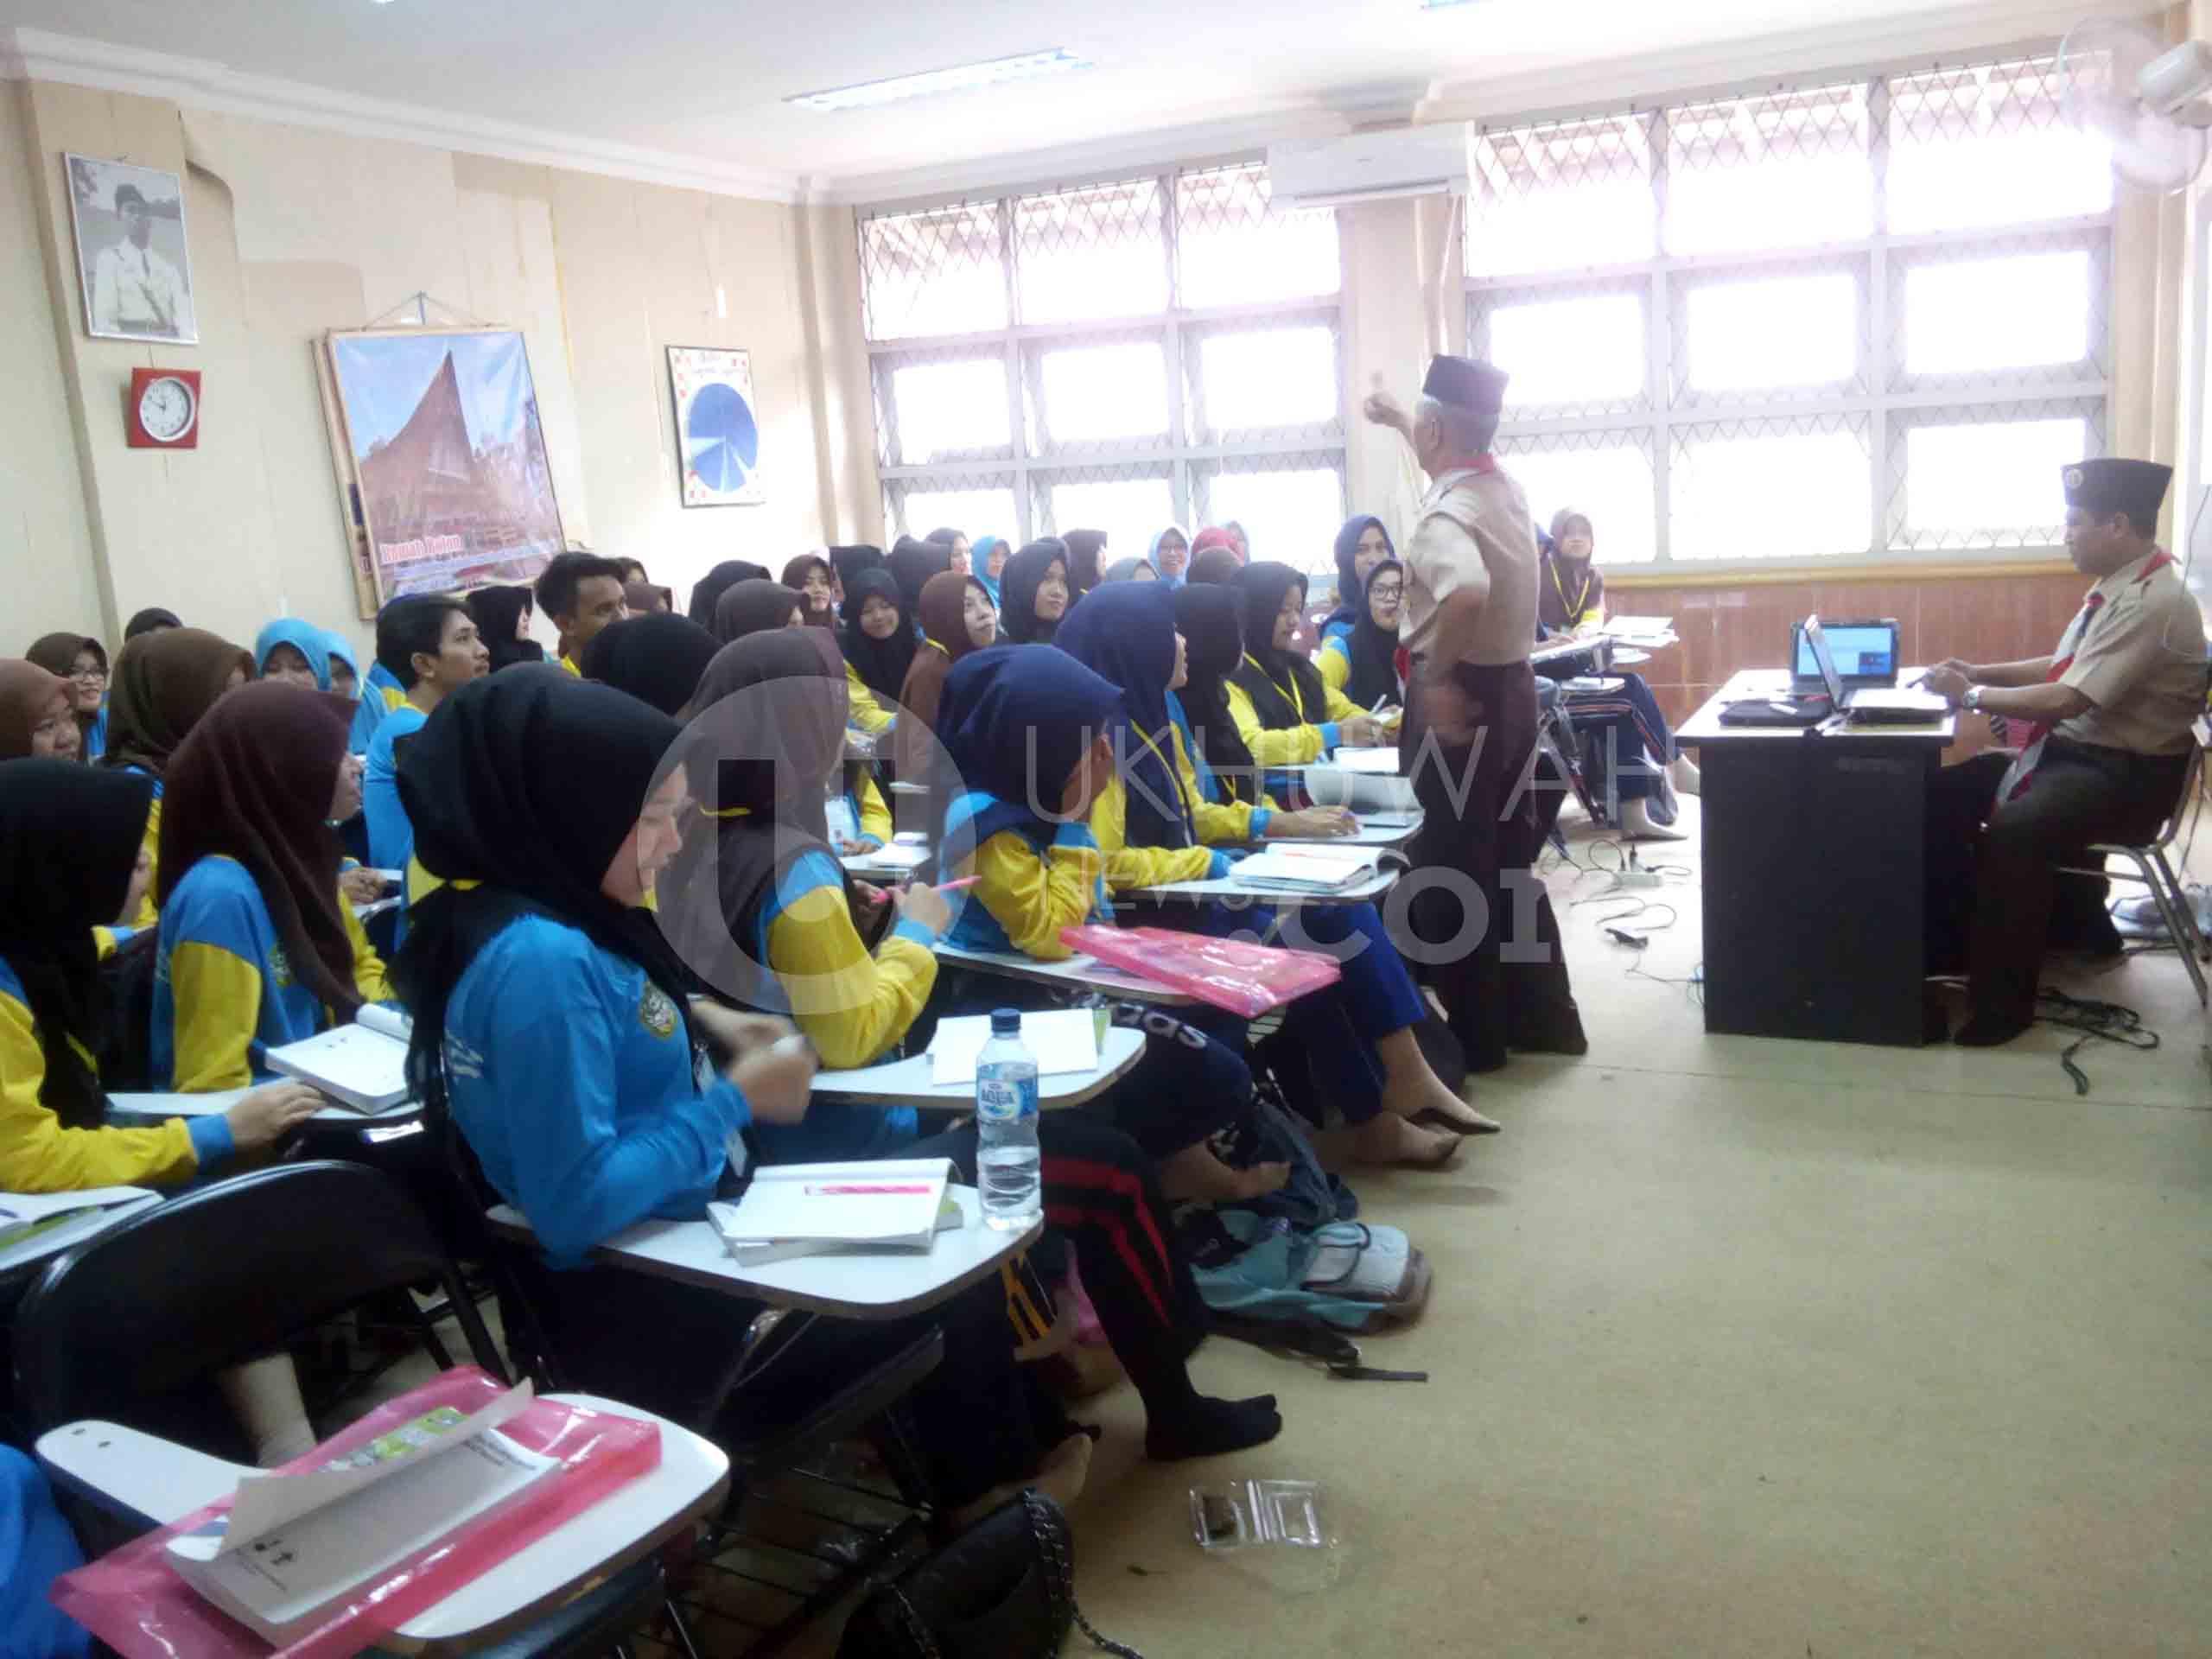 Pelatih dari Kwarda Sumatera Selatan sedang memberikan materi pada peserta Kursus Mahir Dasar (KMD) Pembina Pramuka di salah satu kelas Program Studi (Prodi) PGMI Universitas Islam Negeri Raden Fatah (UIN RF) Palembang. Kamis,(02/03/17).Ukhuwahnews/Hidayat.